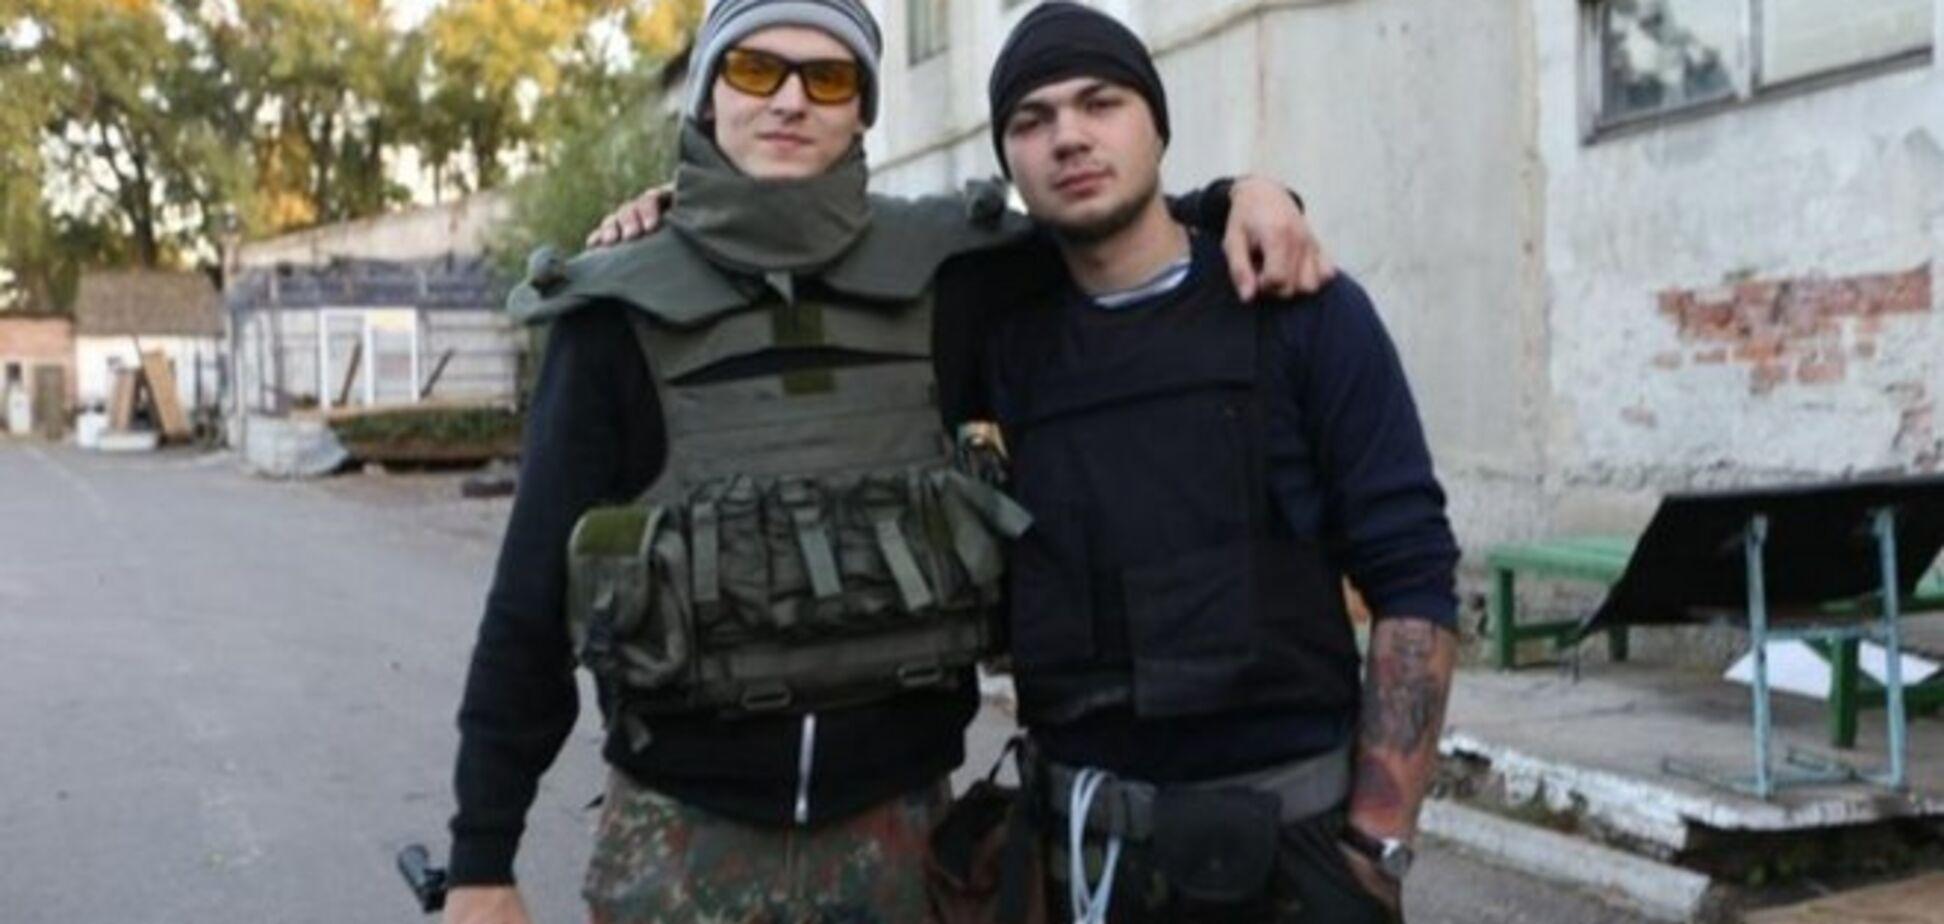 Руфер Мустанг провел в донецком аэропорту 5 дней и вернулся живым: опубликованы фото